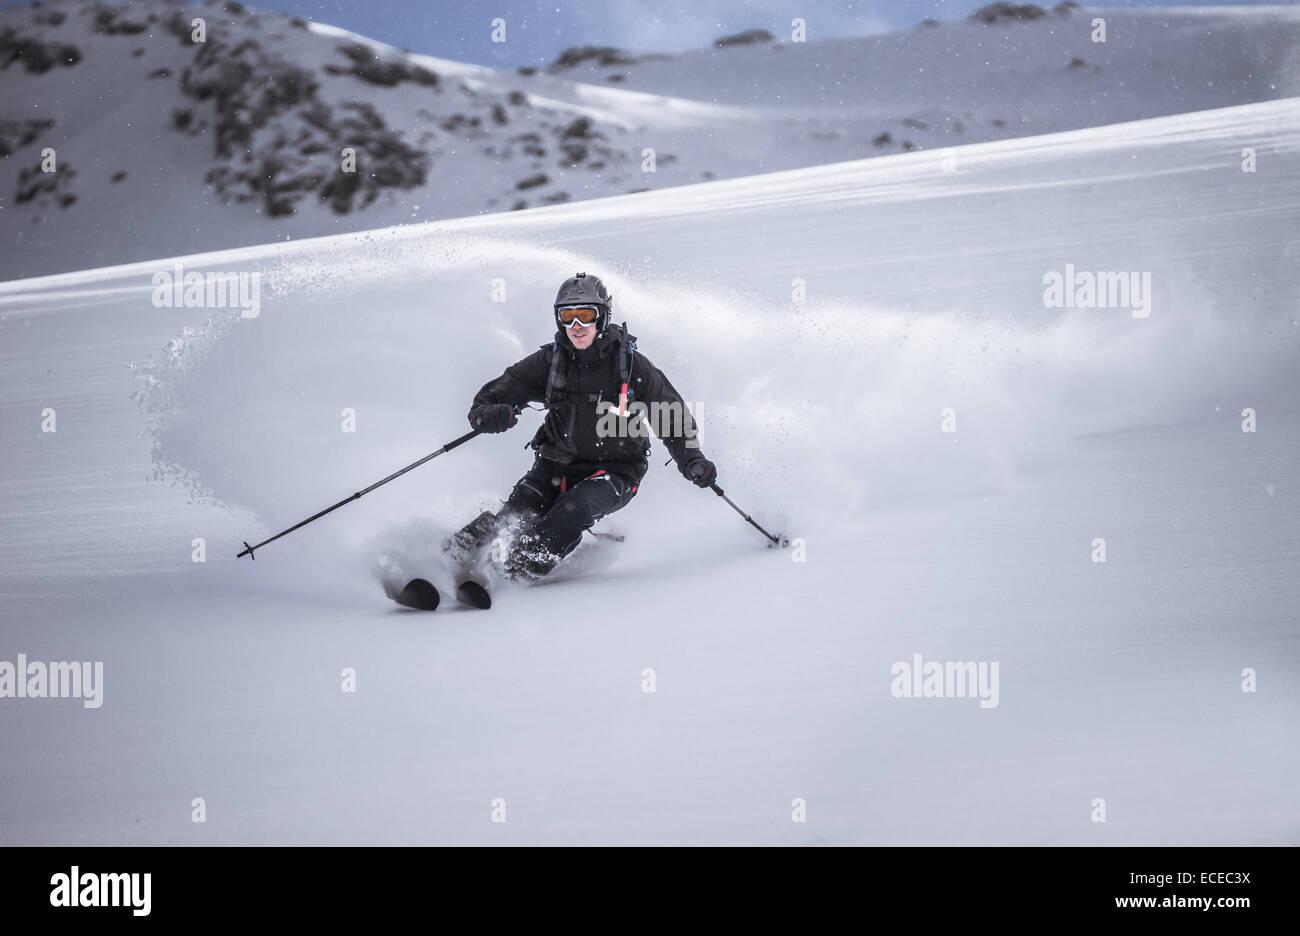 Austria, vista frontal del free ride esquiador esquí alpino Imagen De Stock